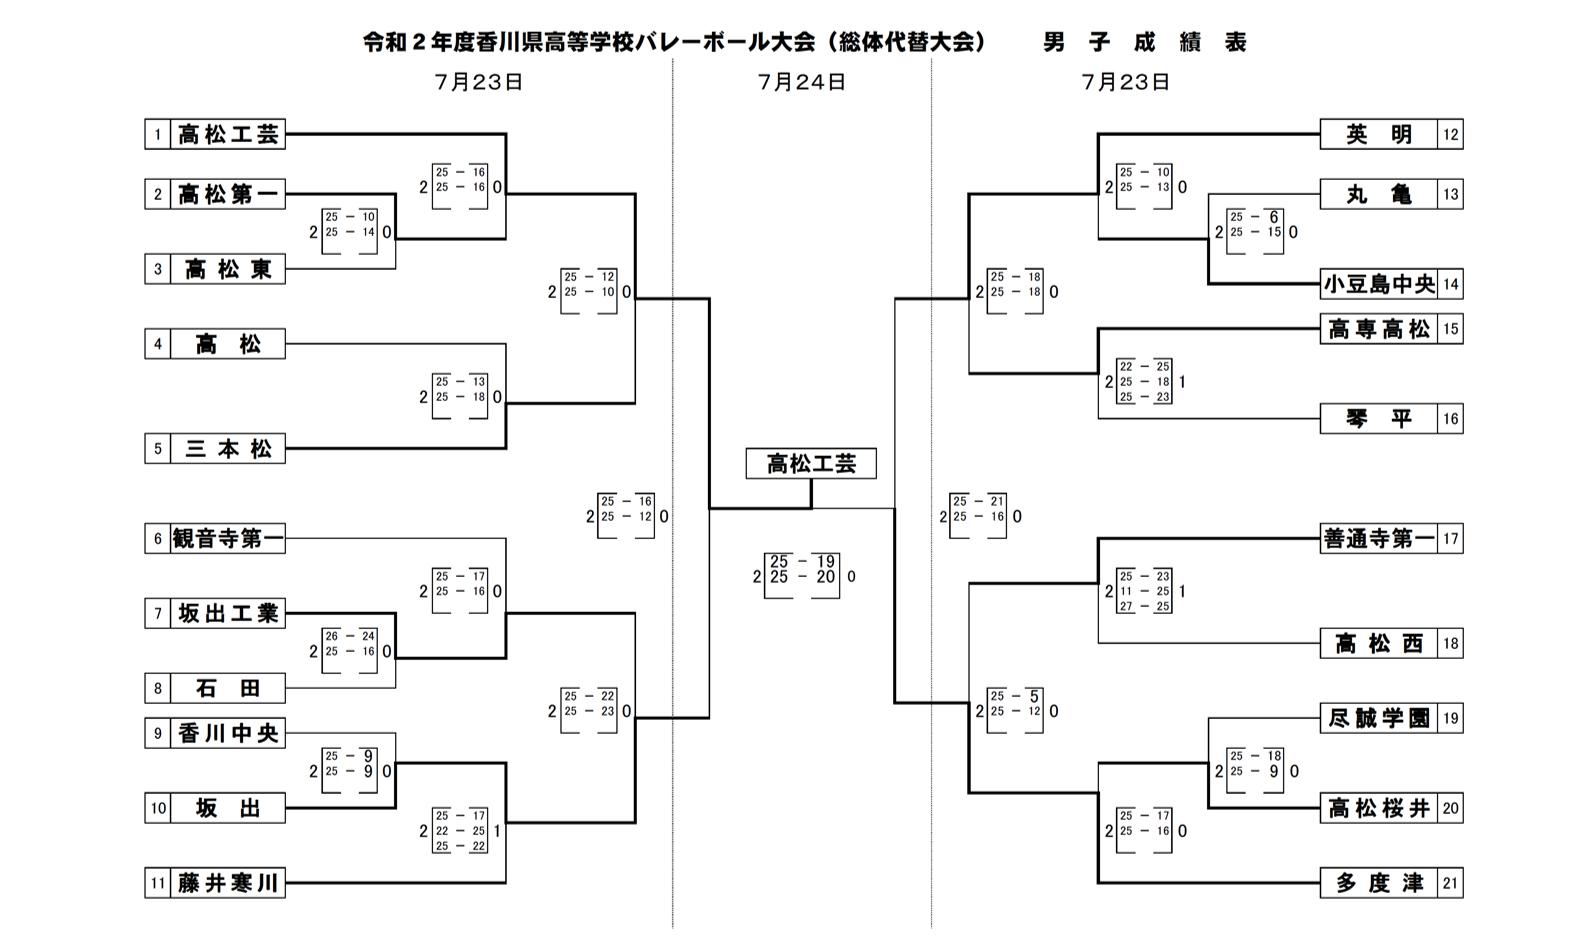 2020_香川県_高校総体代替大会_男子_最終結果